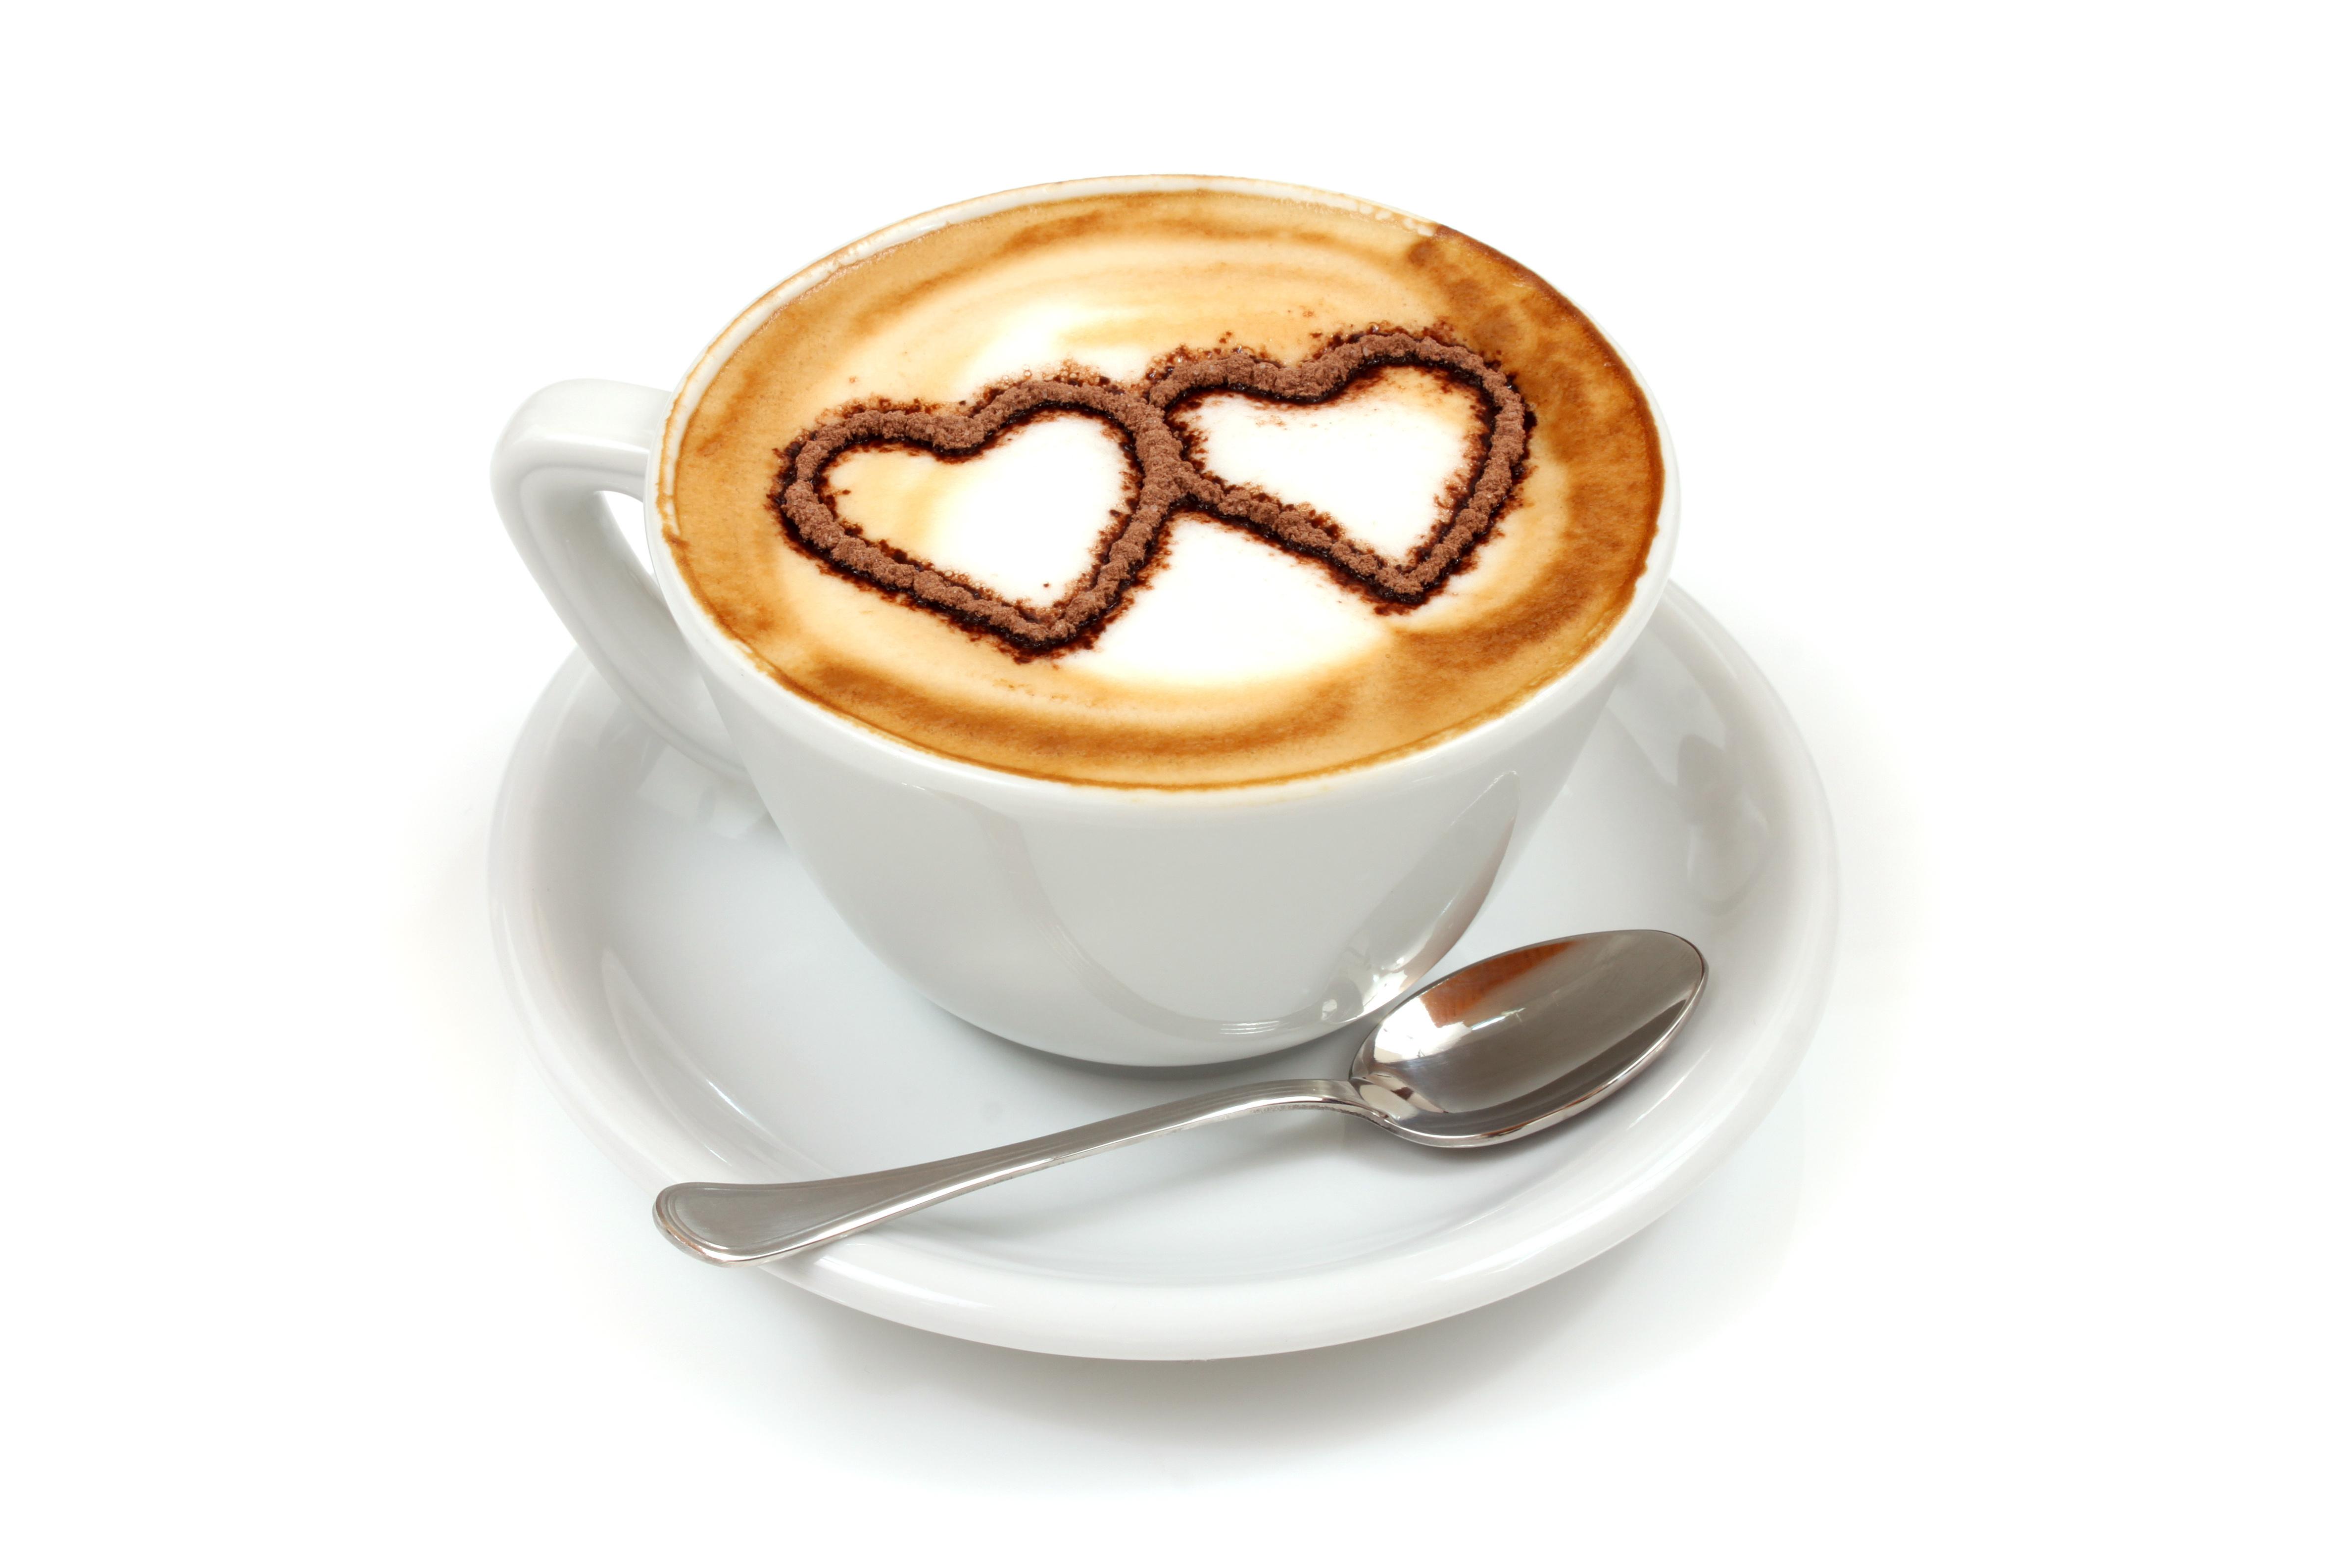 Картинки чашки кофе на белом фоне с надписью доброе утро